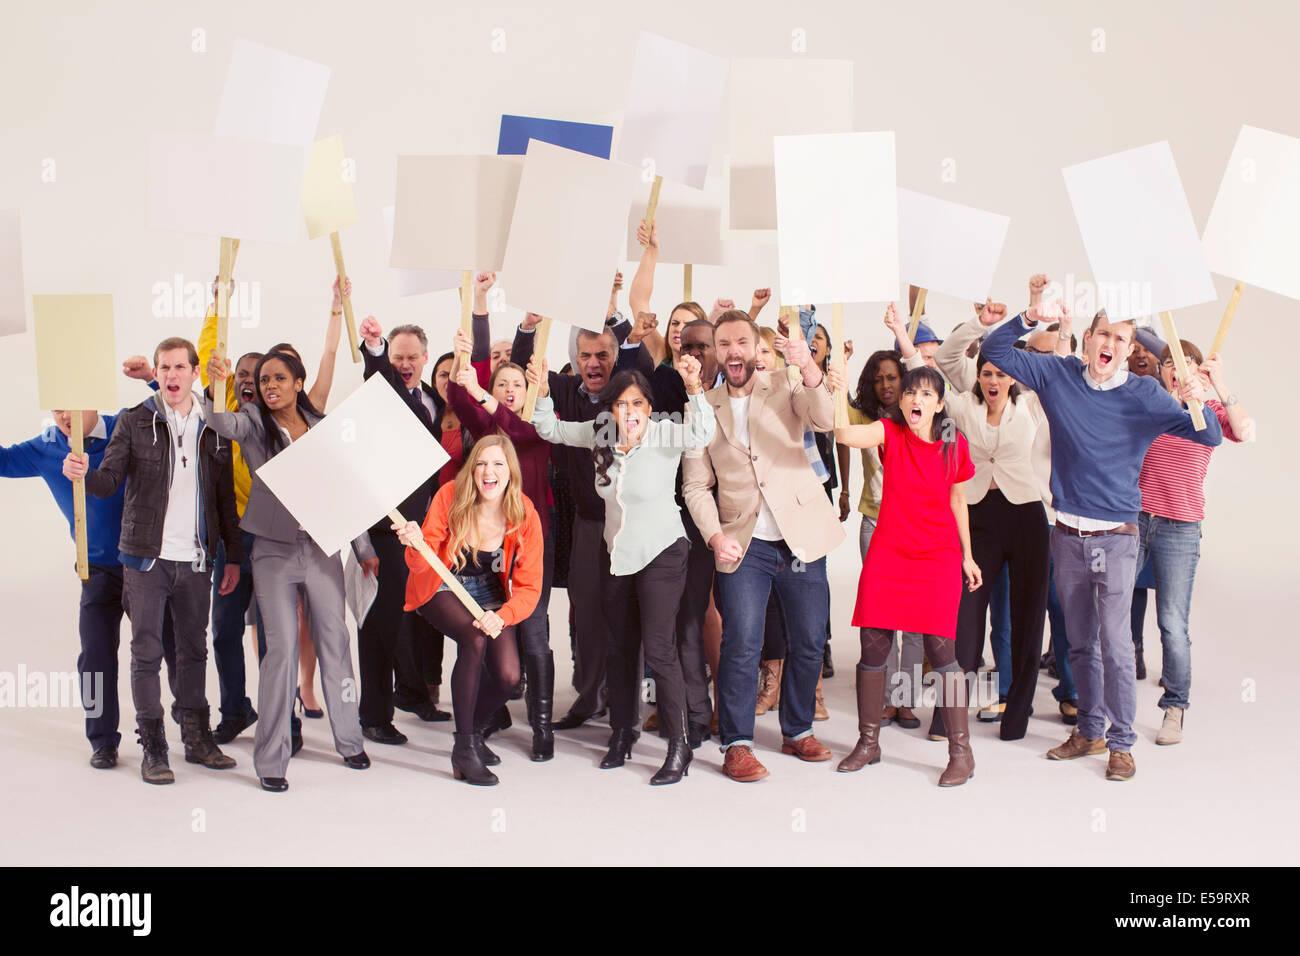 Les manifestants avec des pancartes Photo Stock